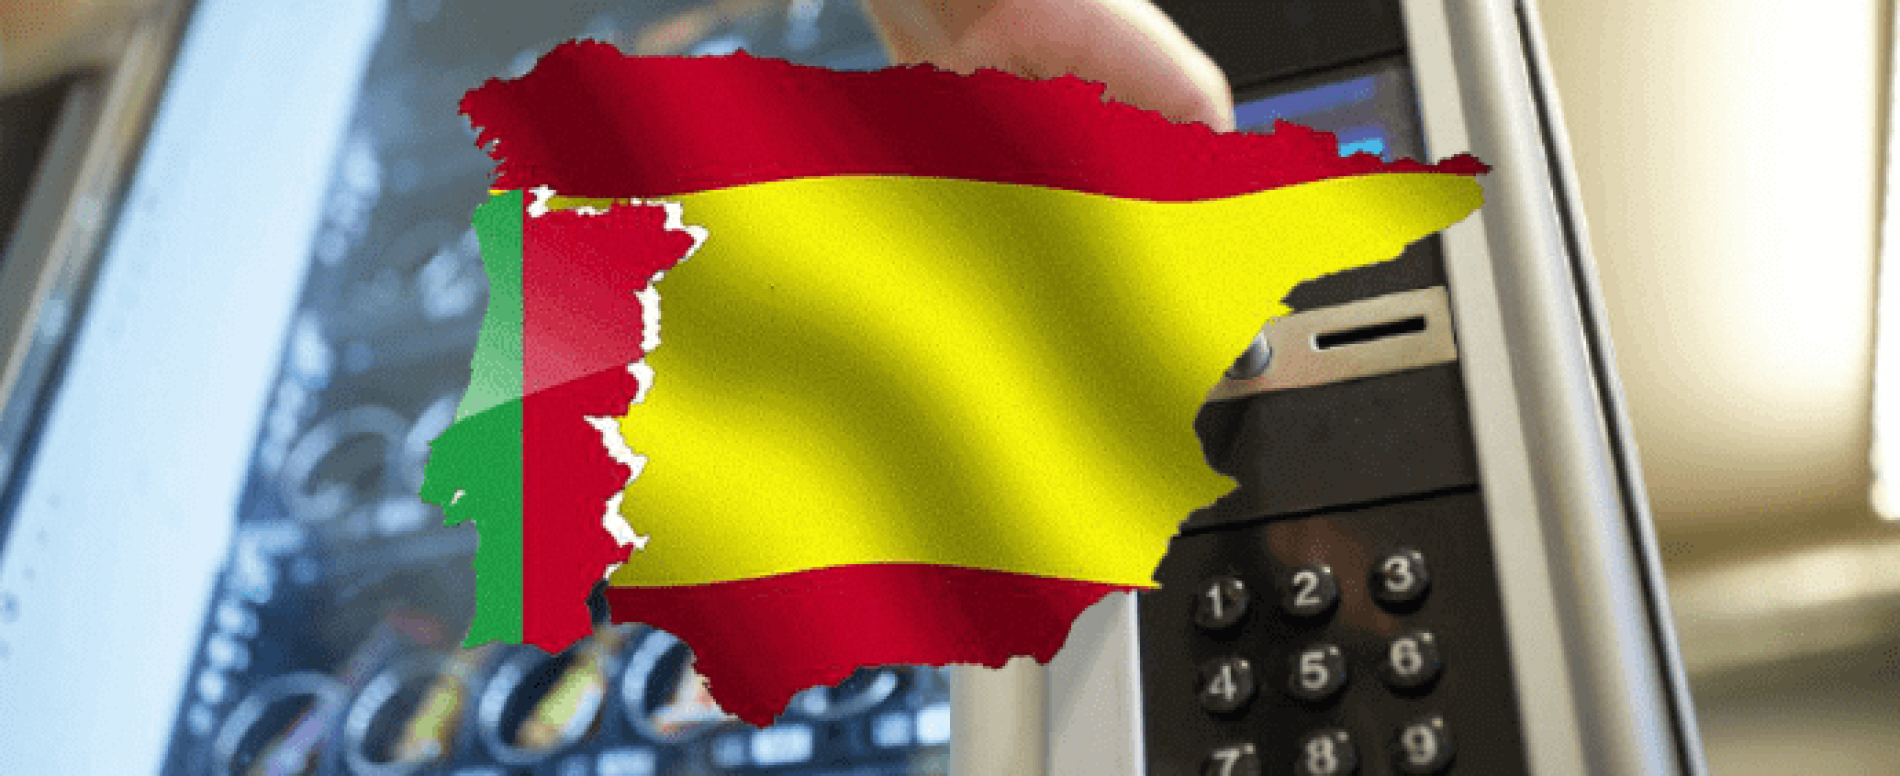 Le vending machine in Spagna e Portogallo. I dati 2018